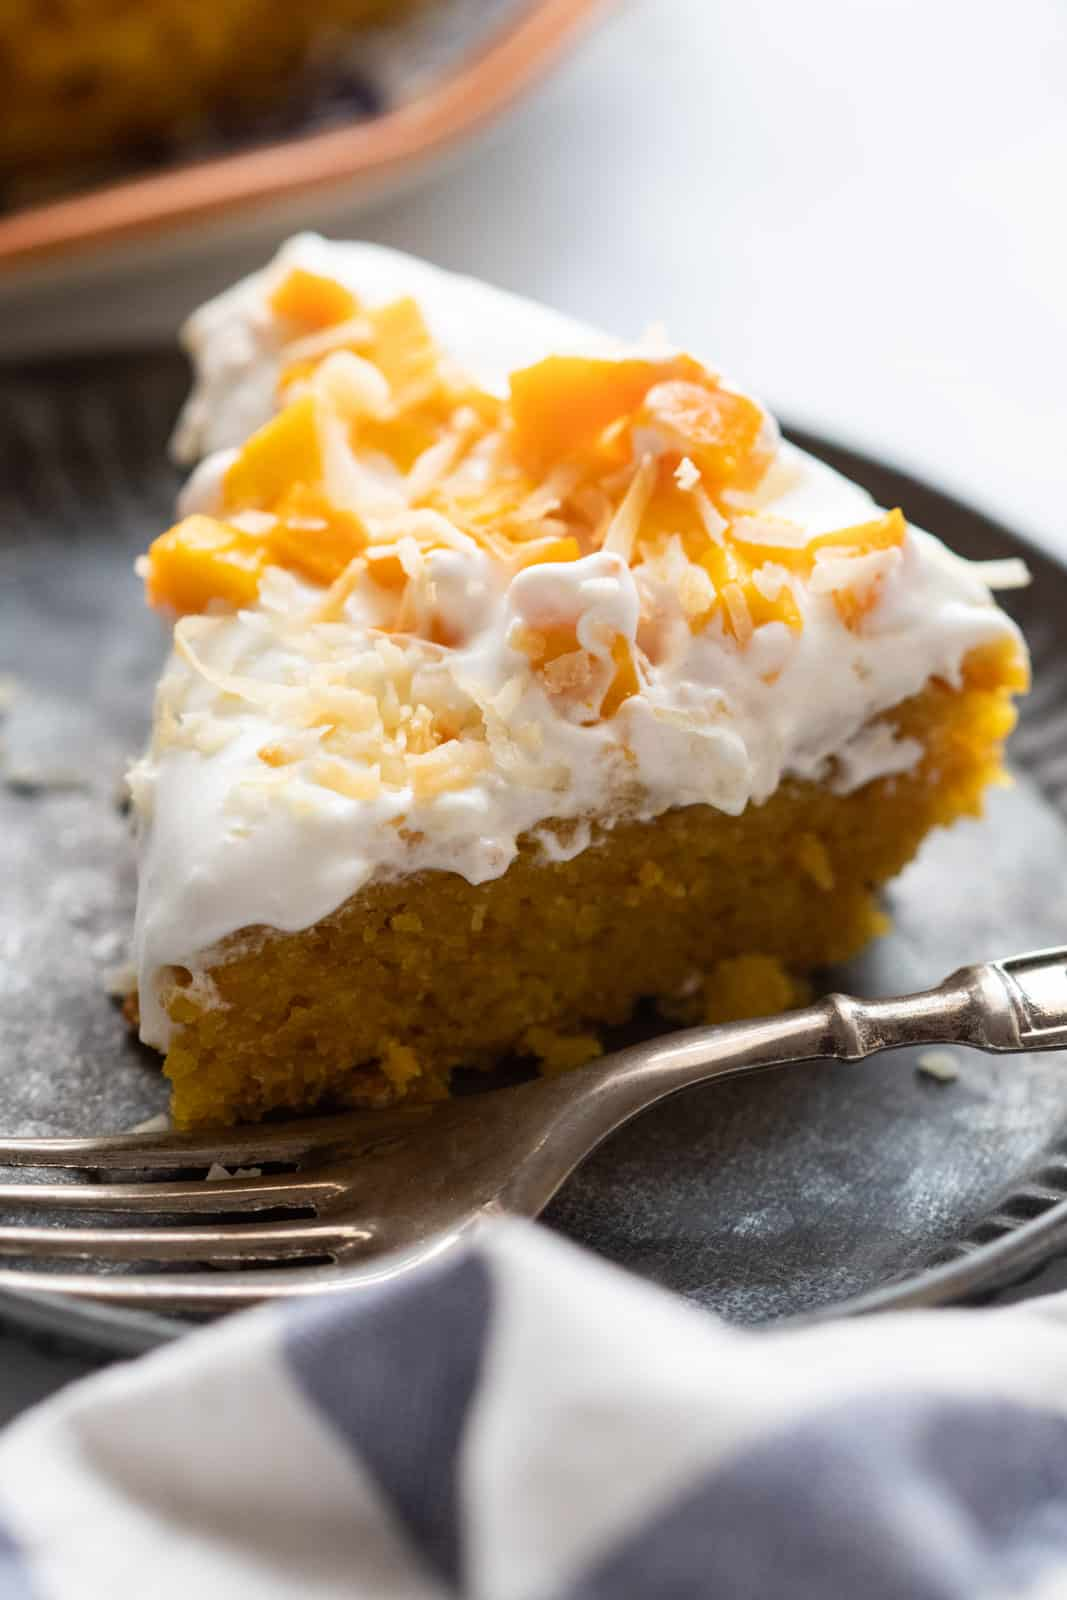 A slice of the eggless mango cake